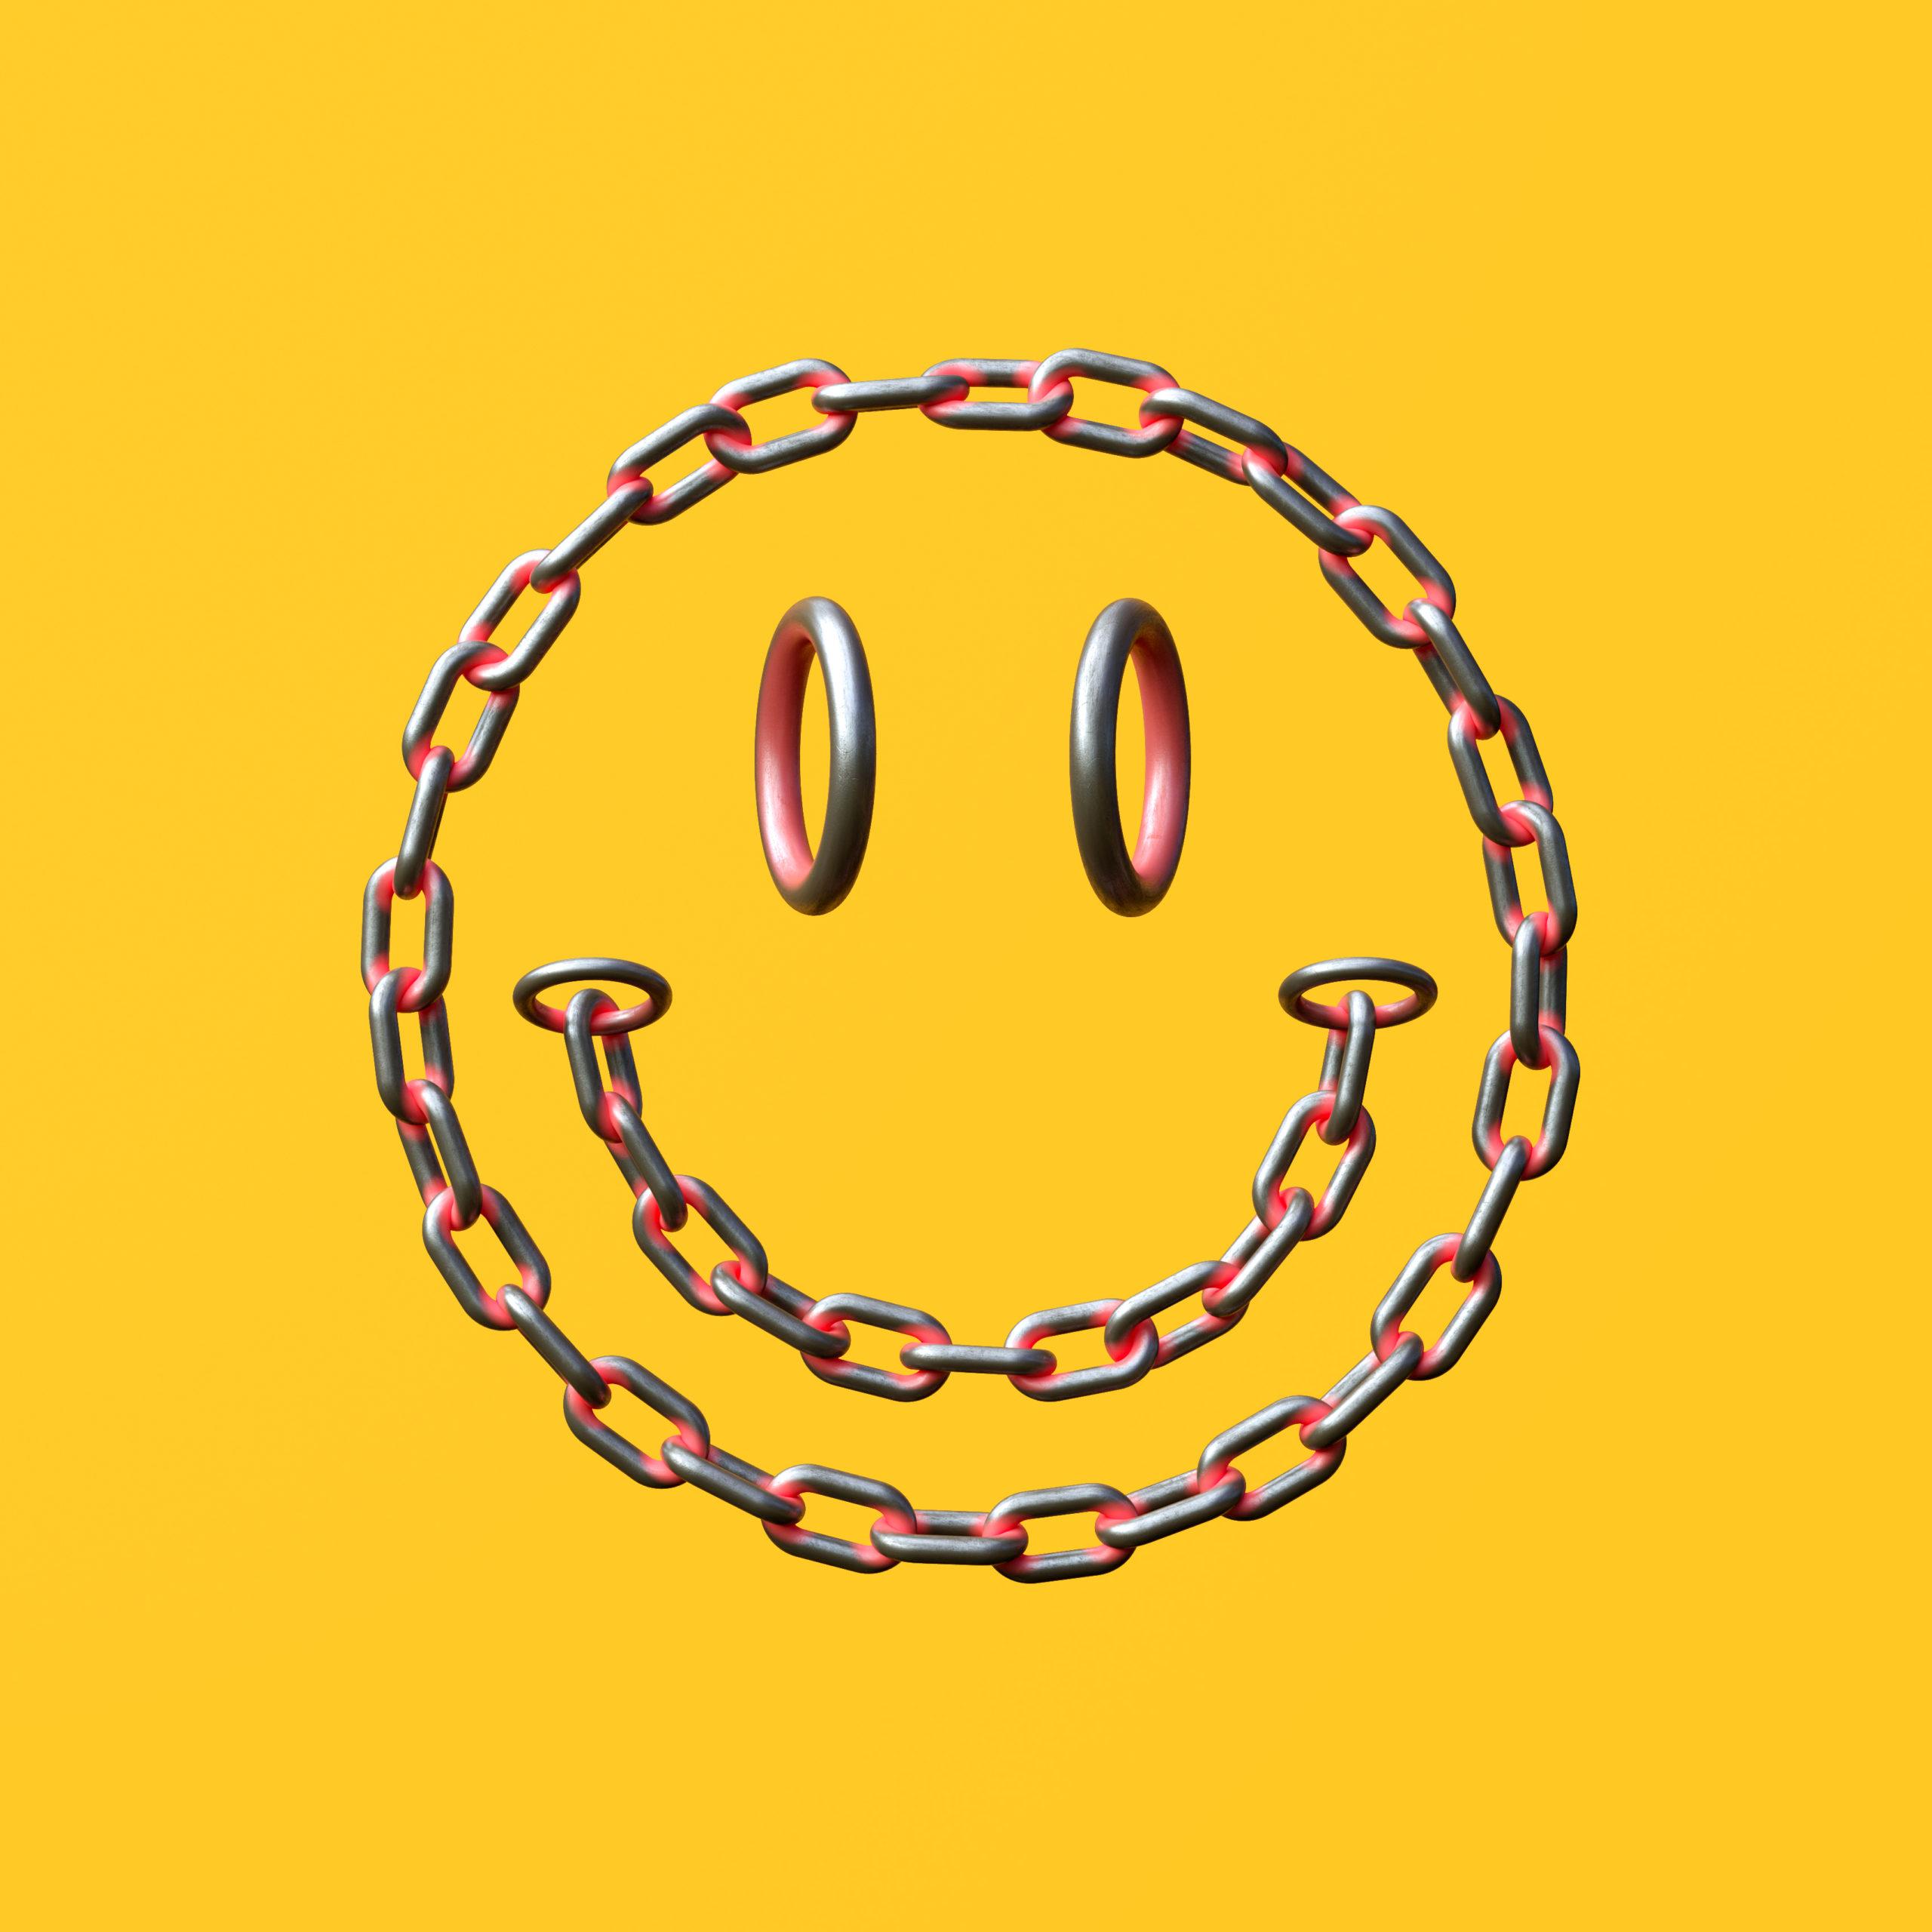 Social_Chains_02